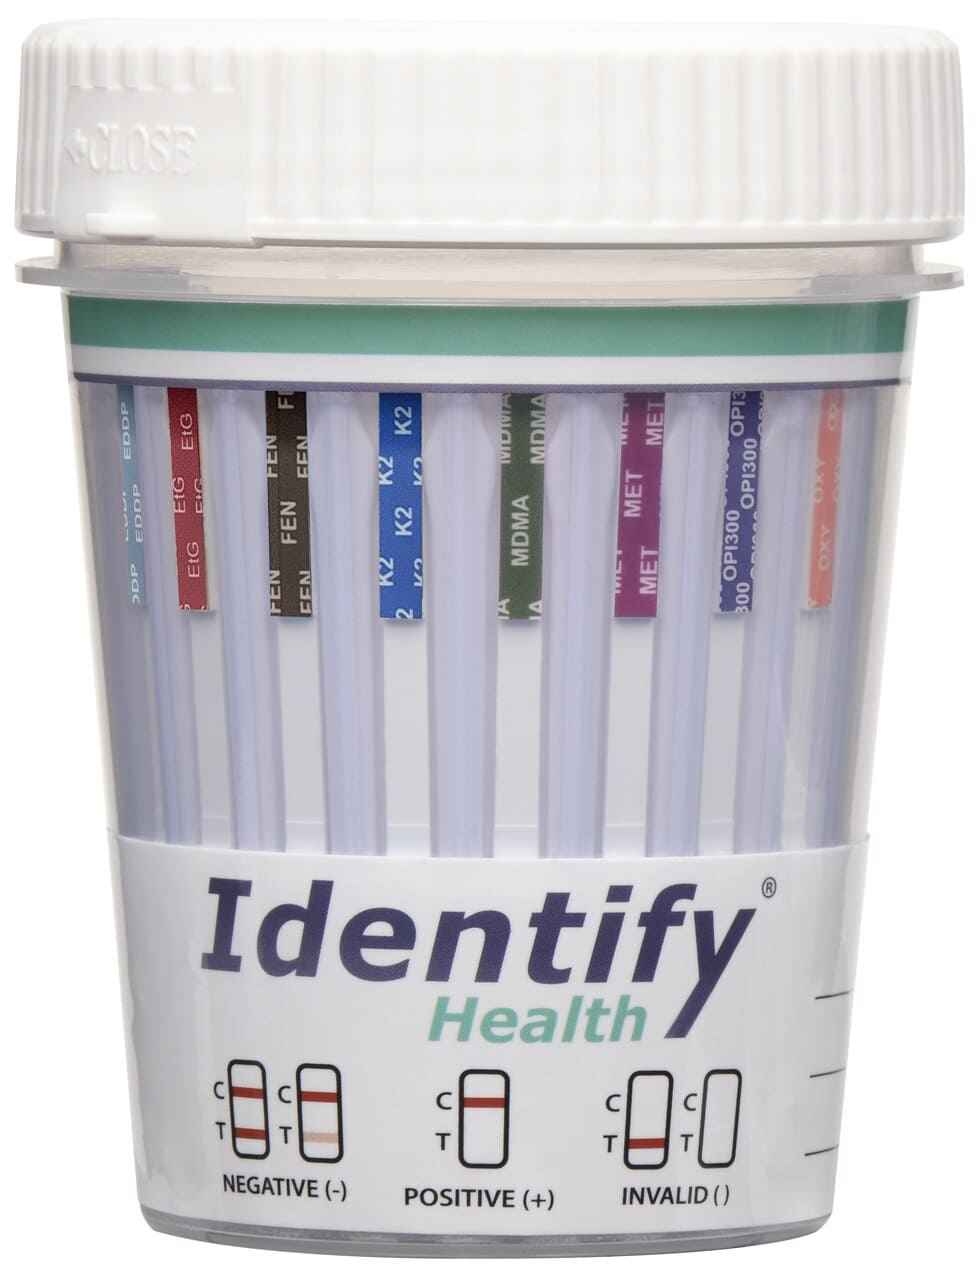 Identify Health Drug Kit